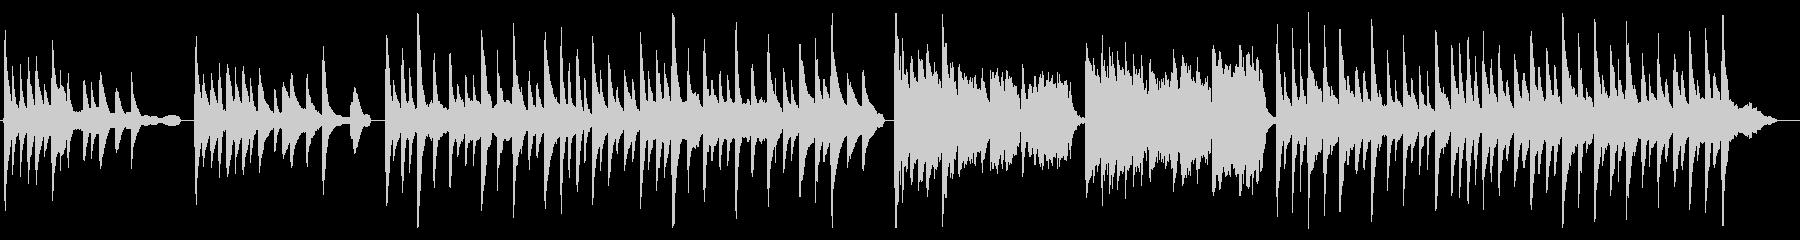 シンプルピアノ曲ホッと一息シトシト雨降りの未再生の波形